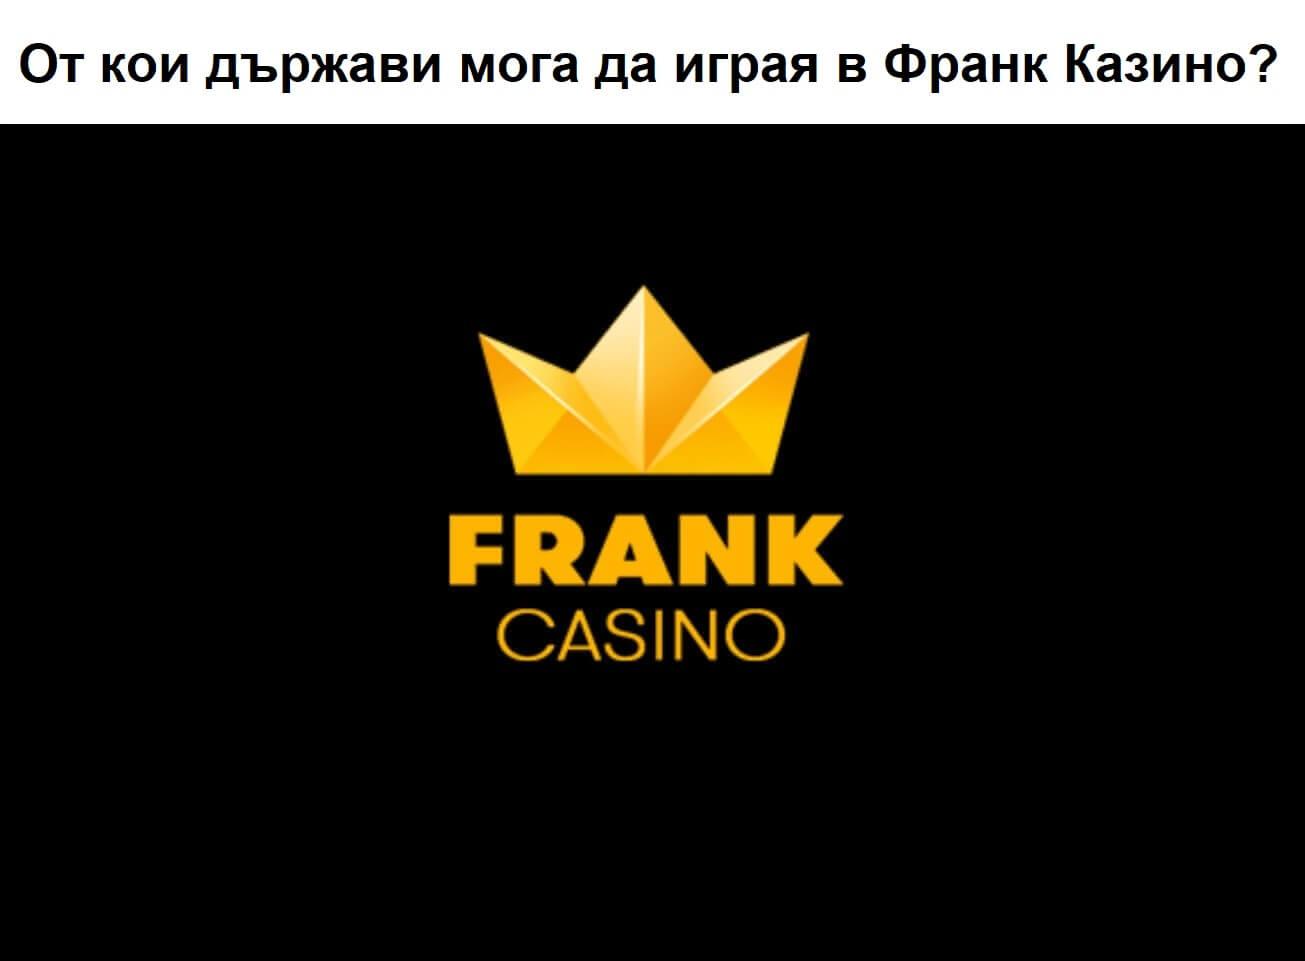 В кои държави можете да играете Франк онлайн казино